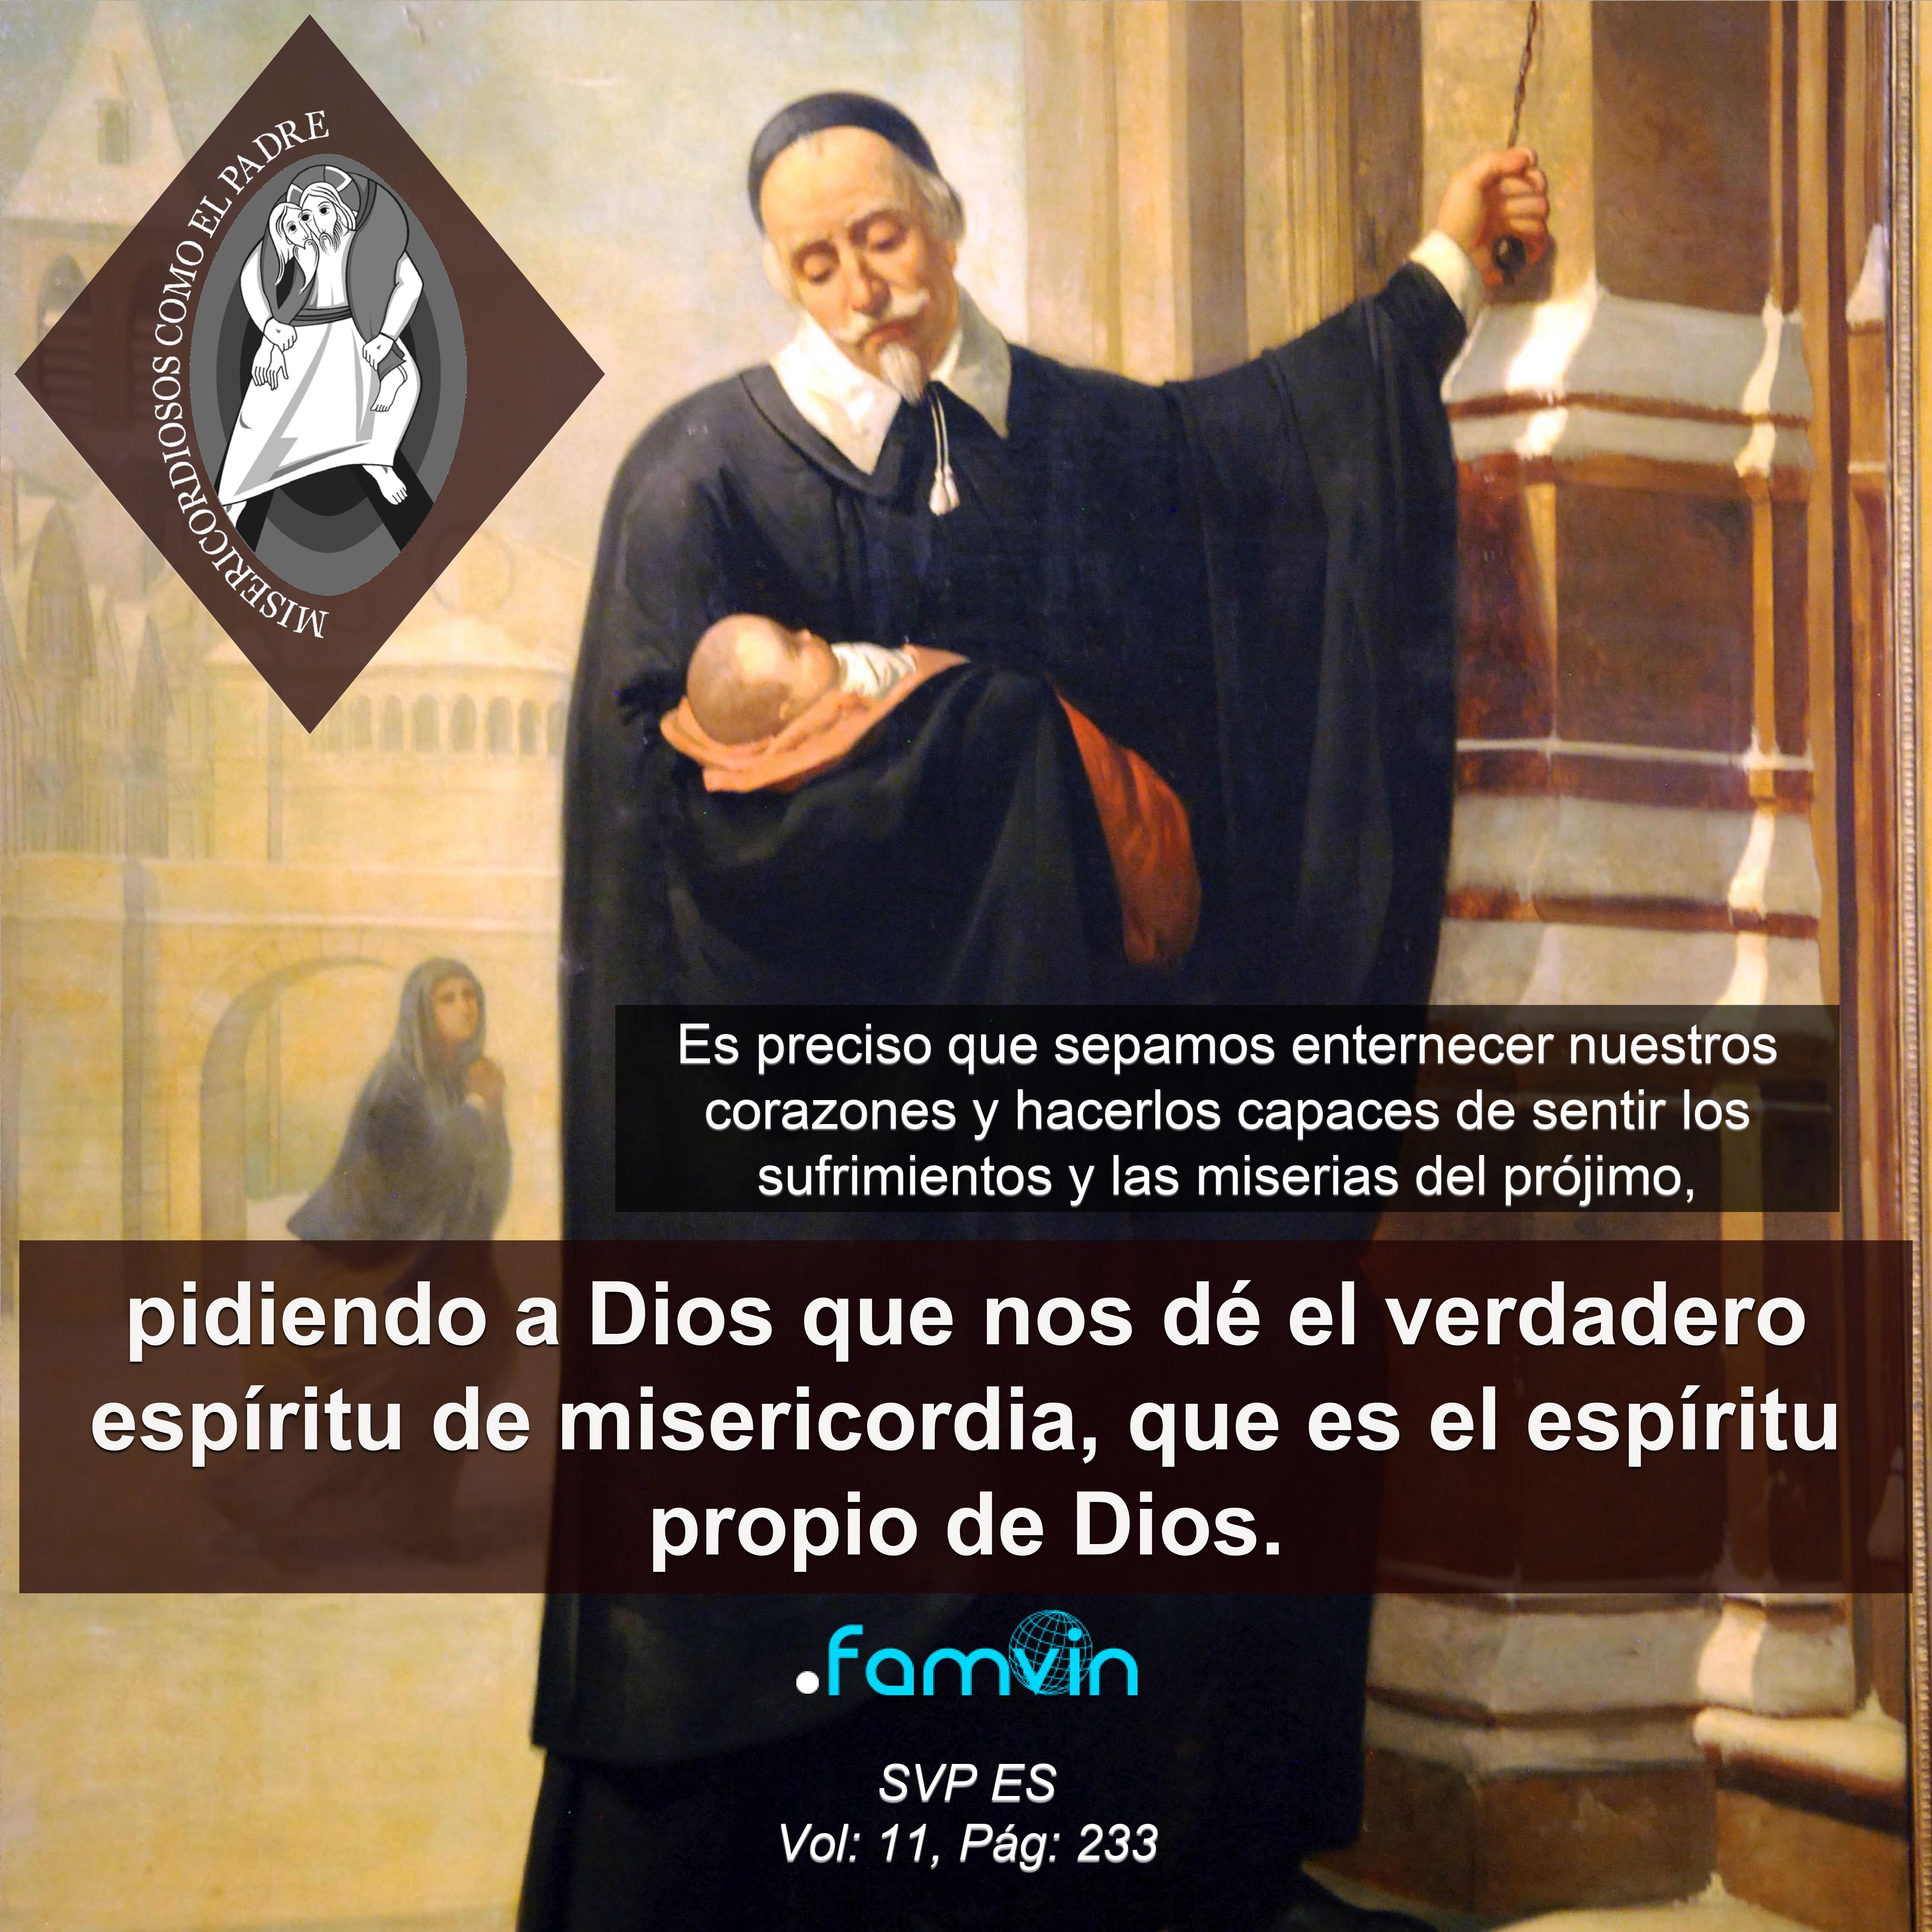 El Año de la Misericordia para Vicencianos 15.11.2016